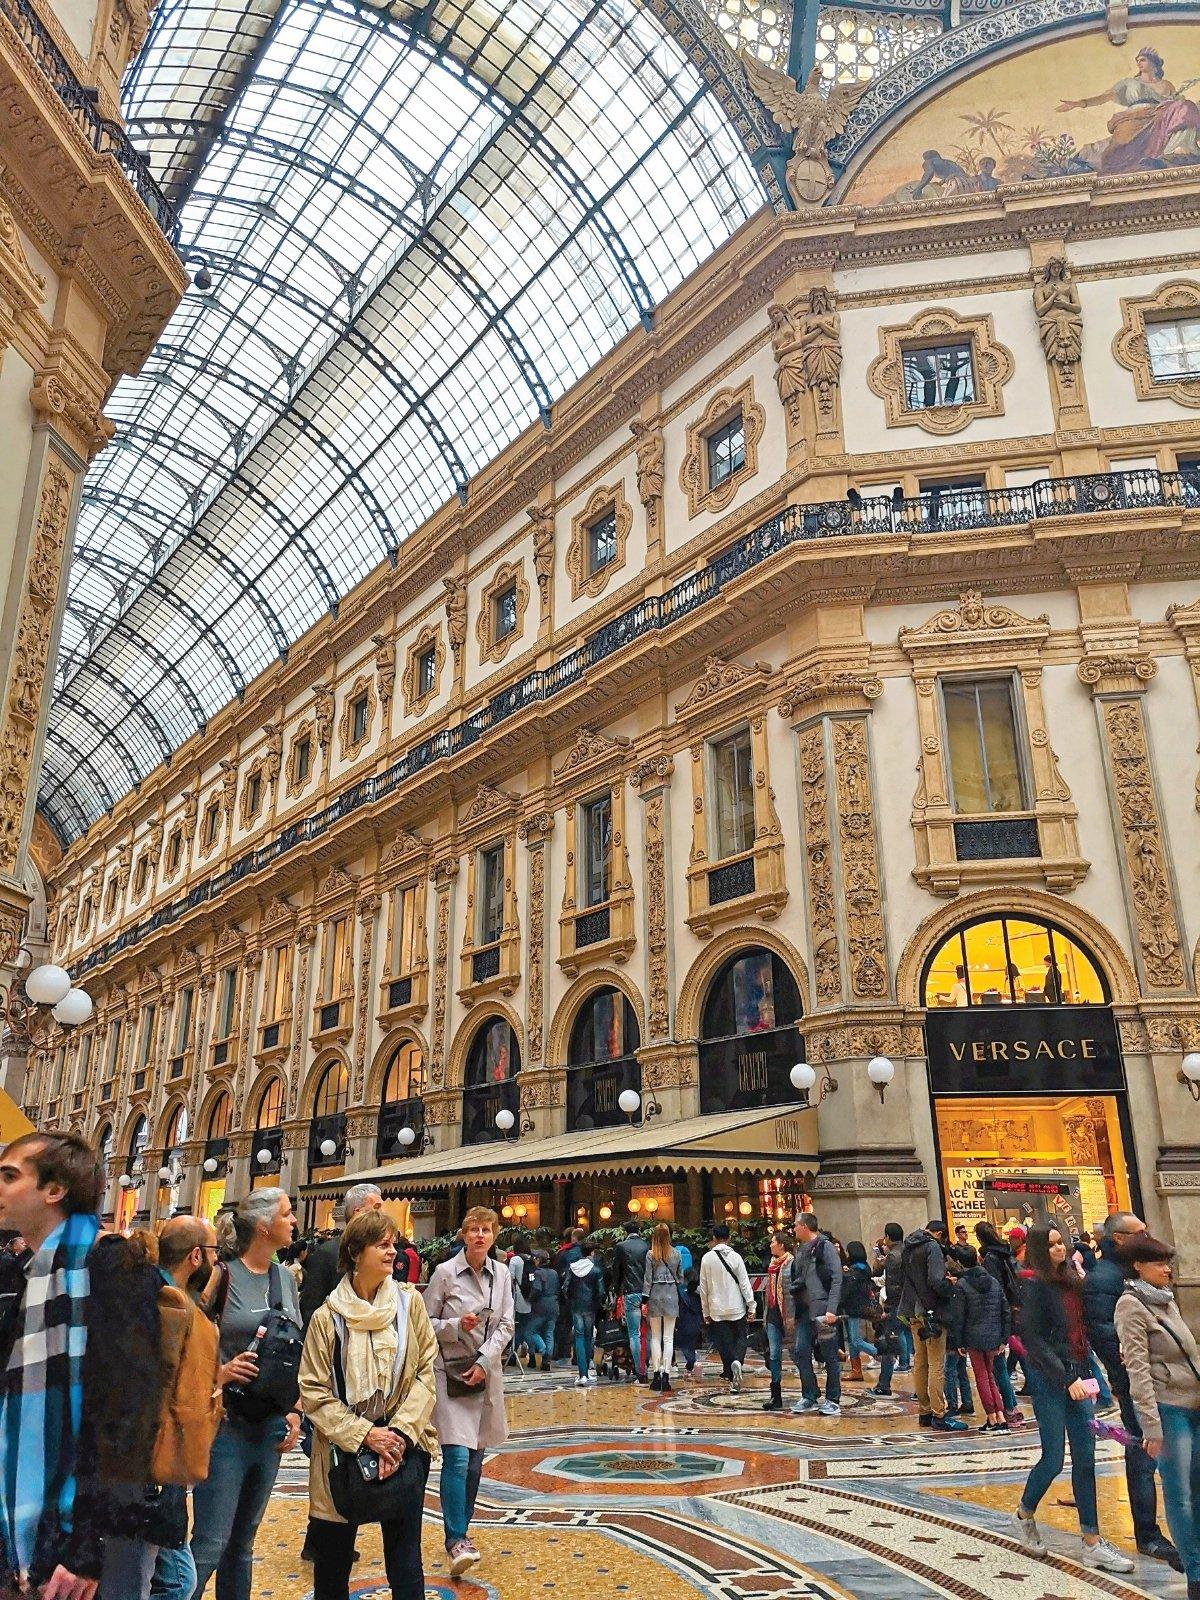 SUASANA dalam Galleria Vittorio Emanuele II.